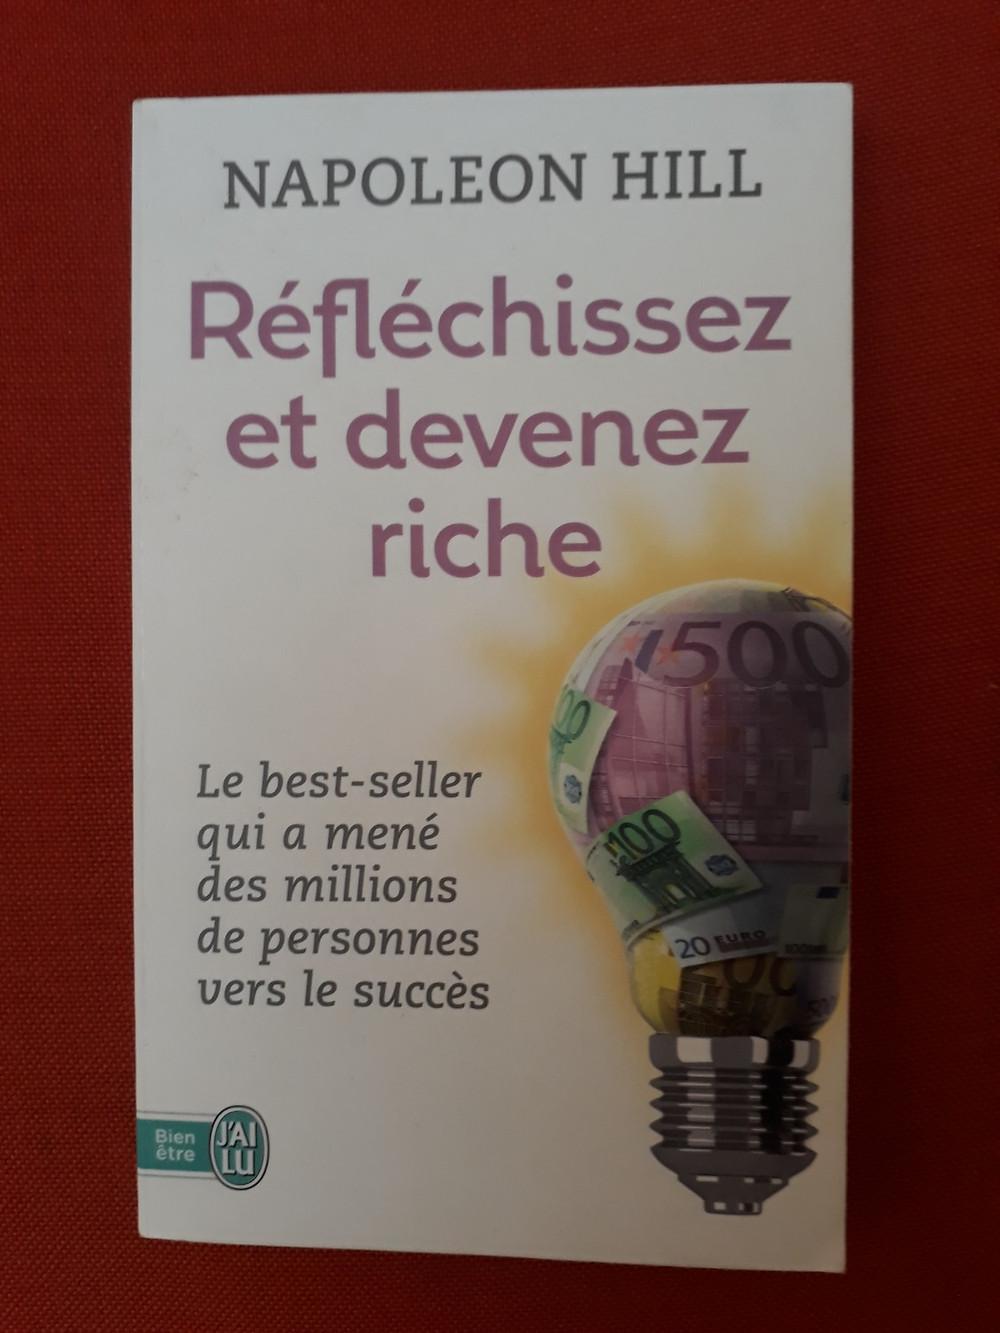 Couverture du livre de Napoleonn Hill Réfléchissez et devenez riche